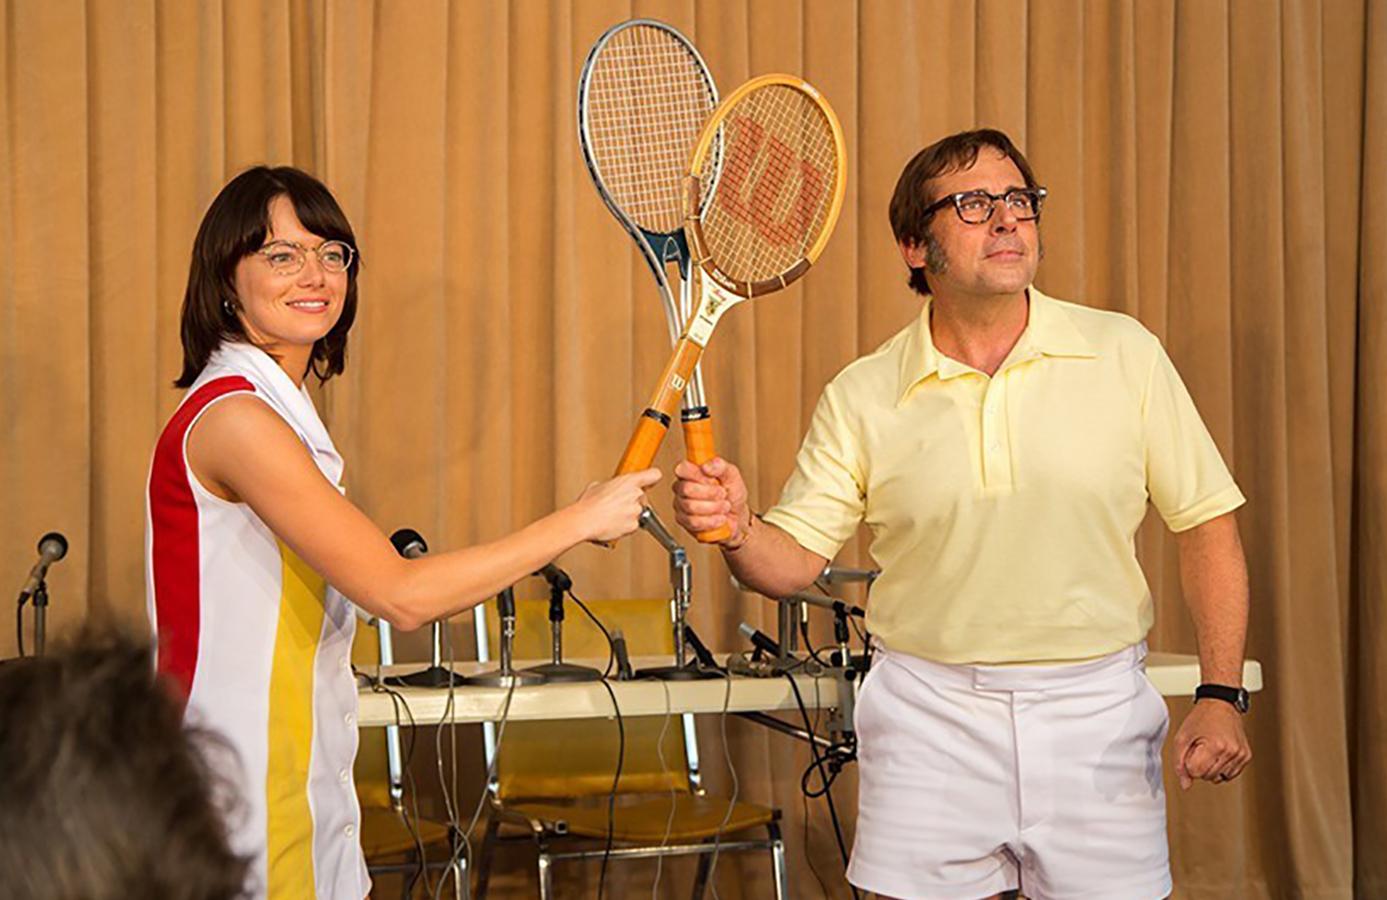 نقد فیلم «نبرد دو جنس»: مسابقهای تاریخی میان دو تنیسباز مشهور